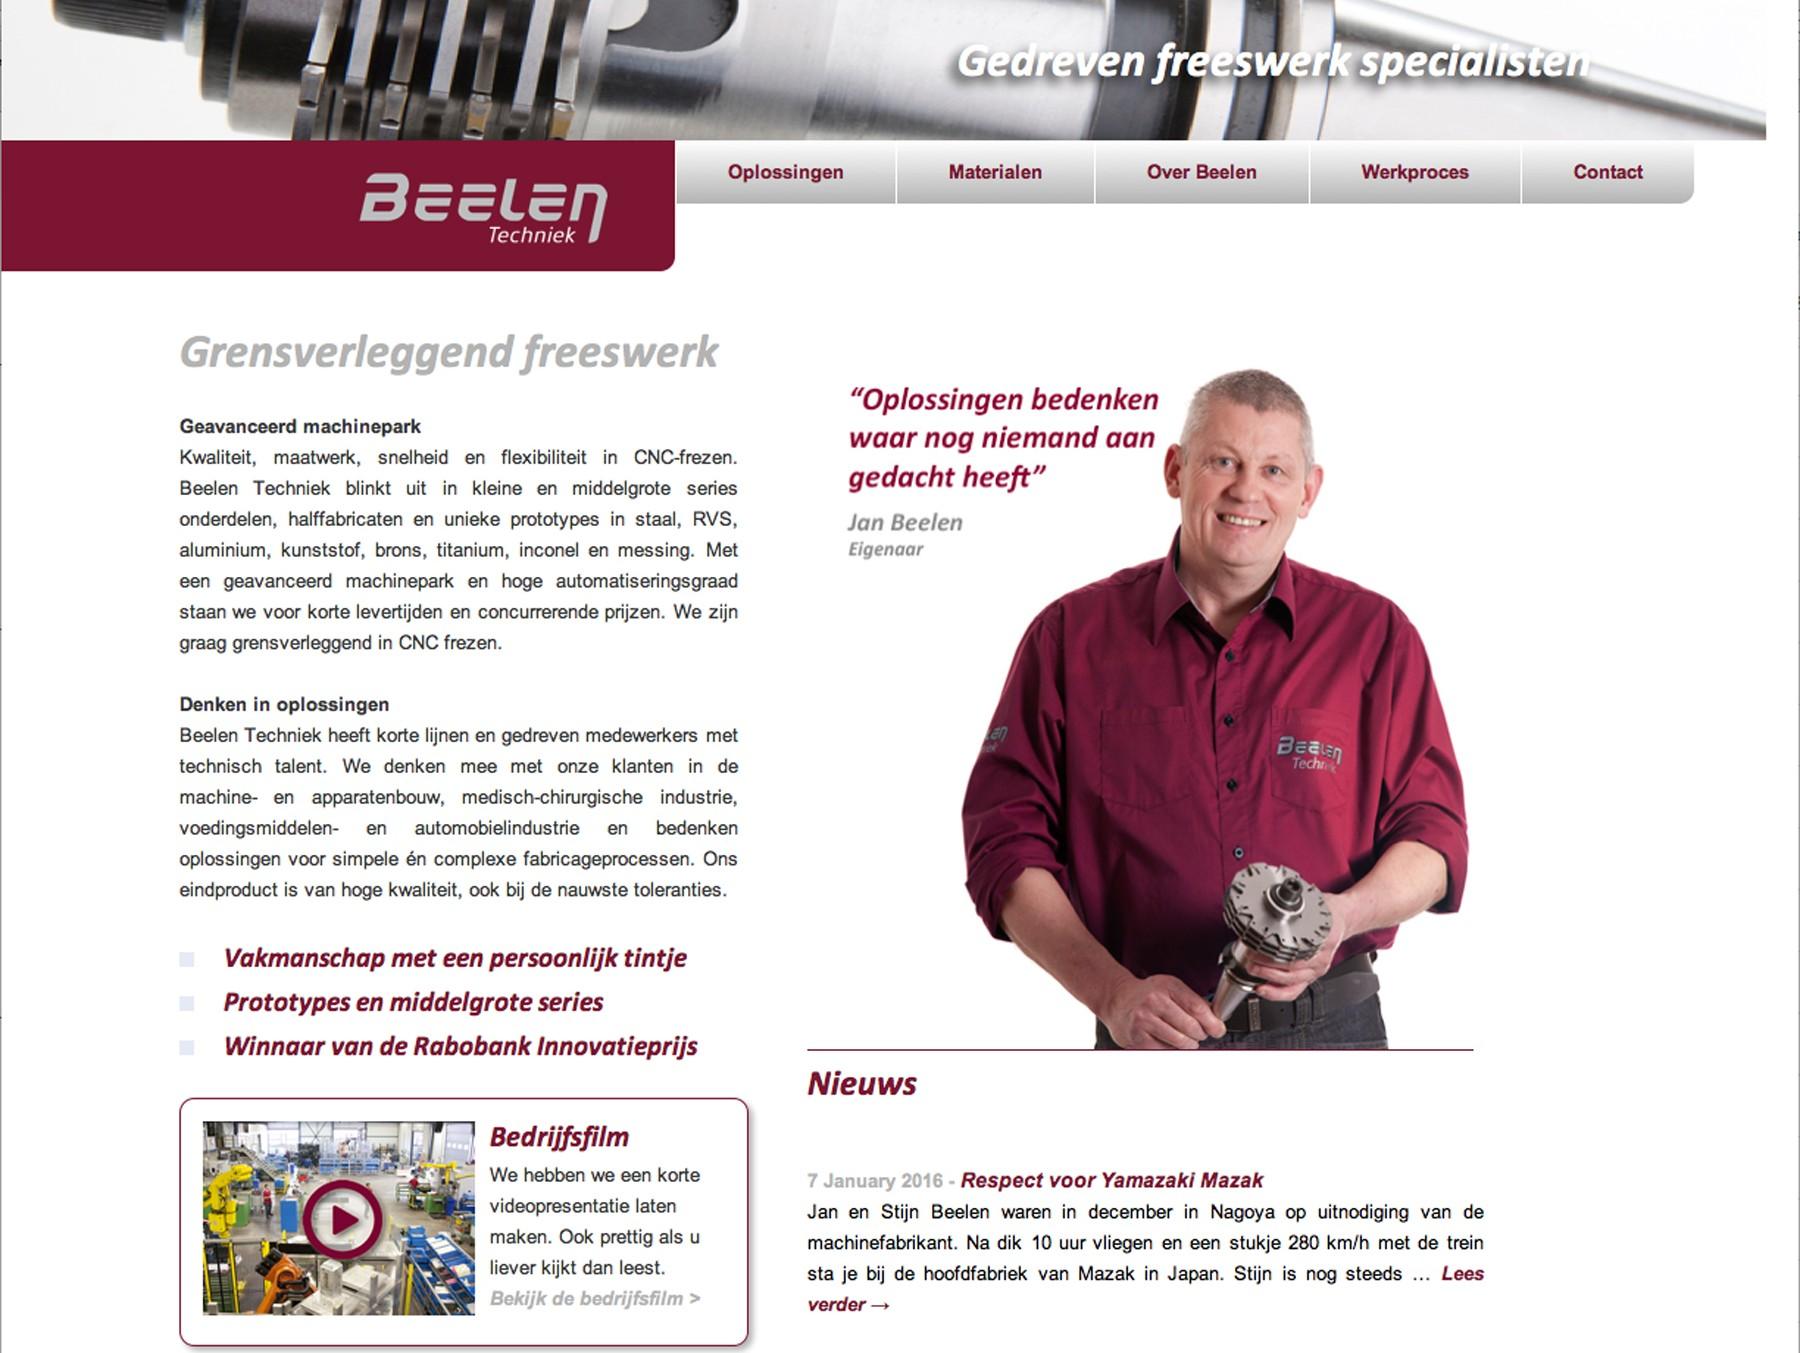 Beelen Techniek website